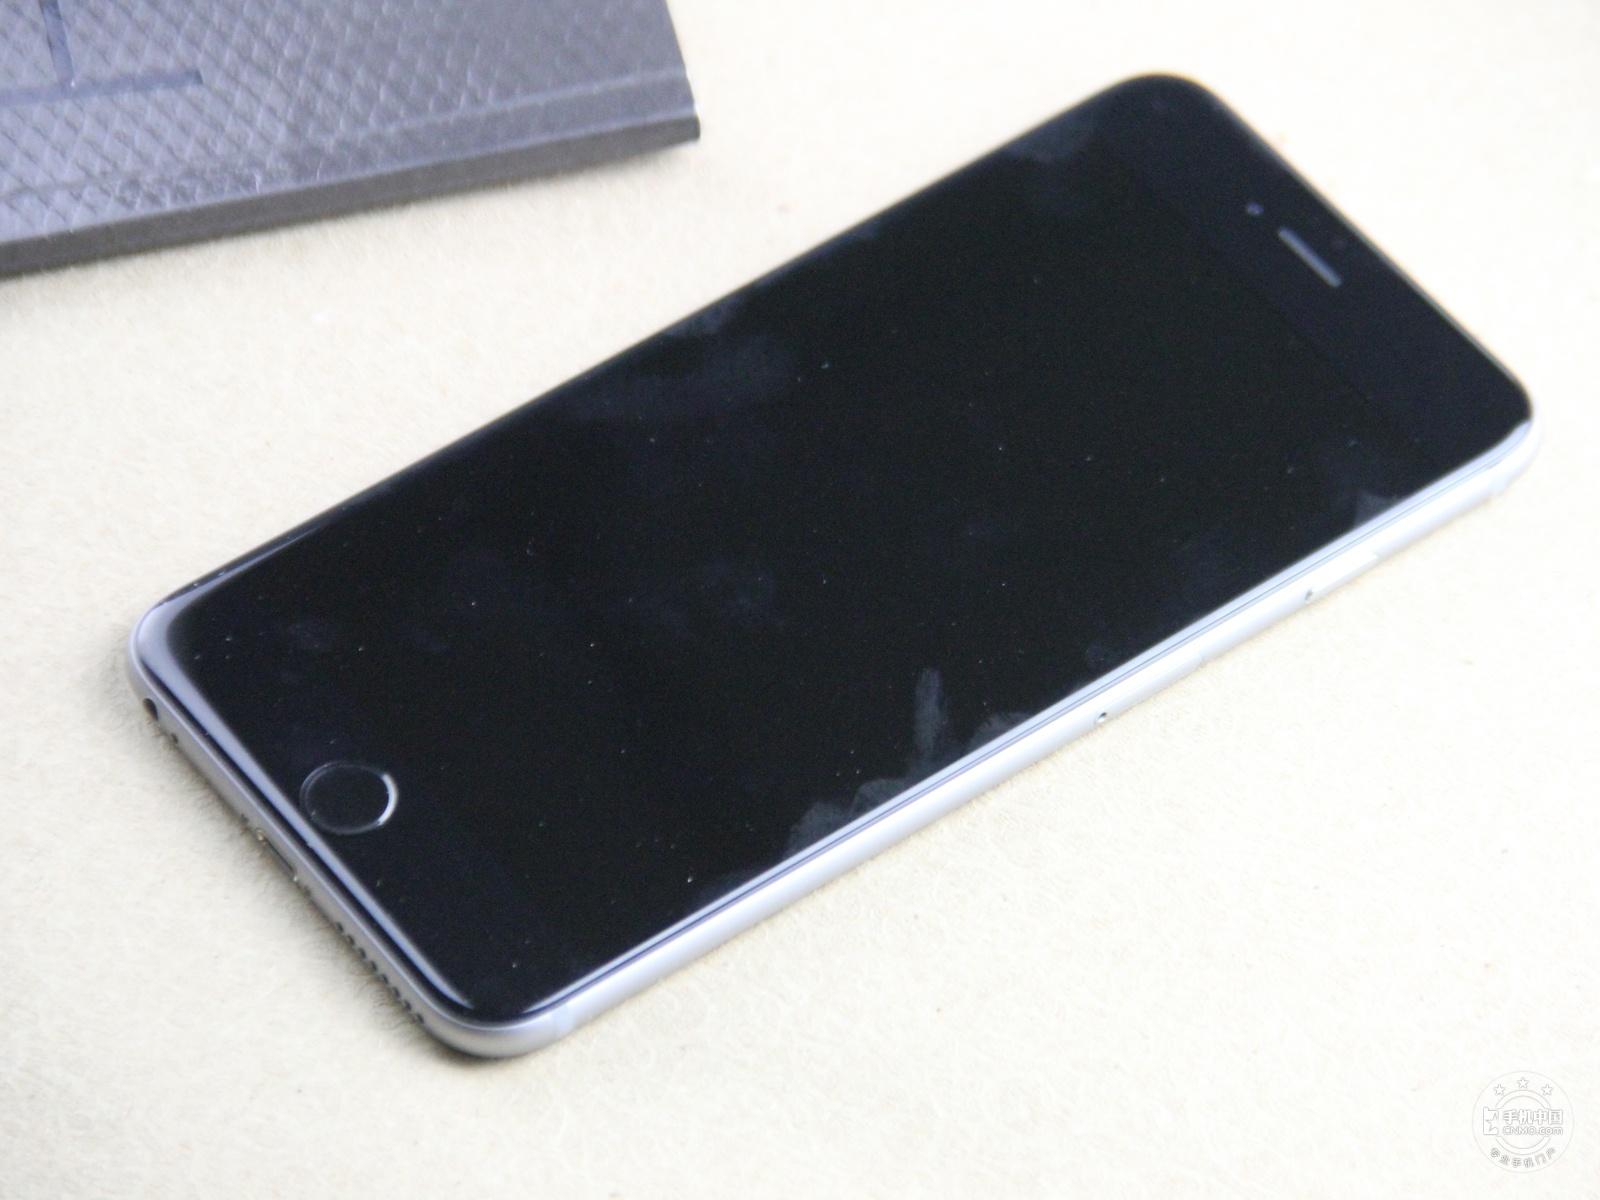 苹果iPhone6Plus(16GB)整体外观第8张